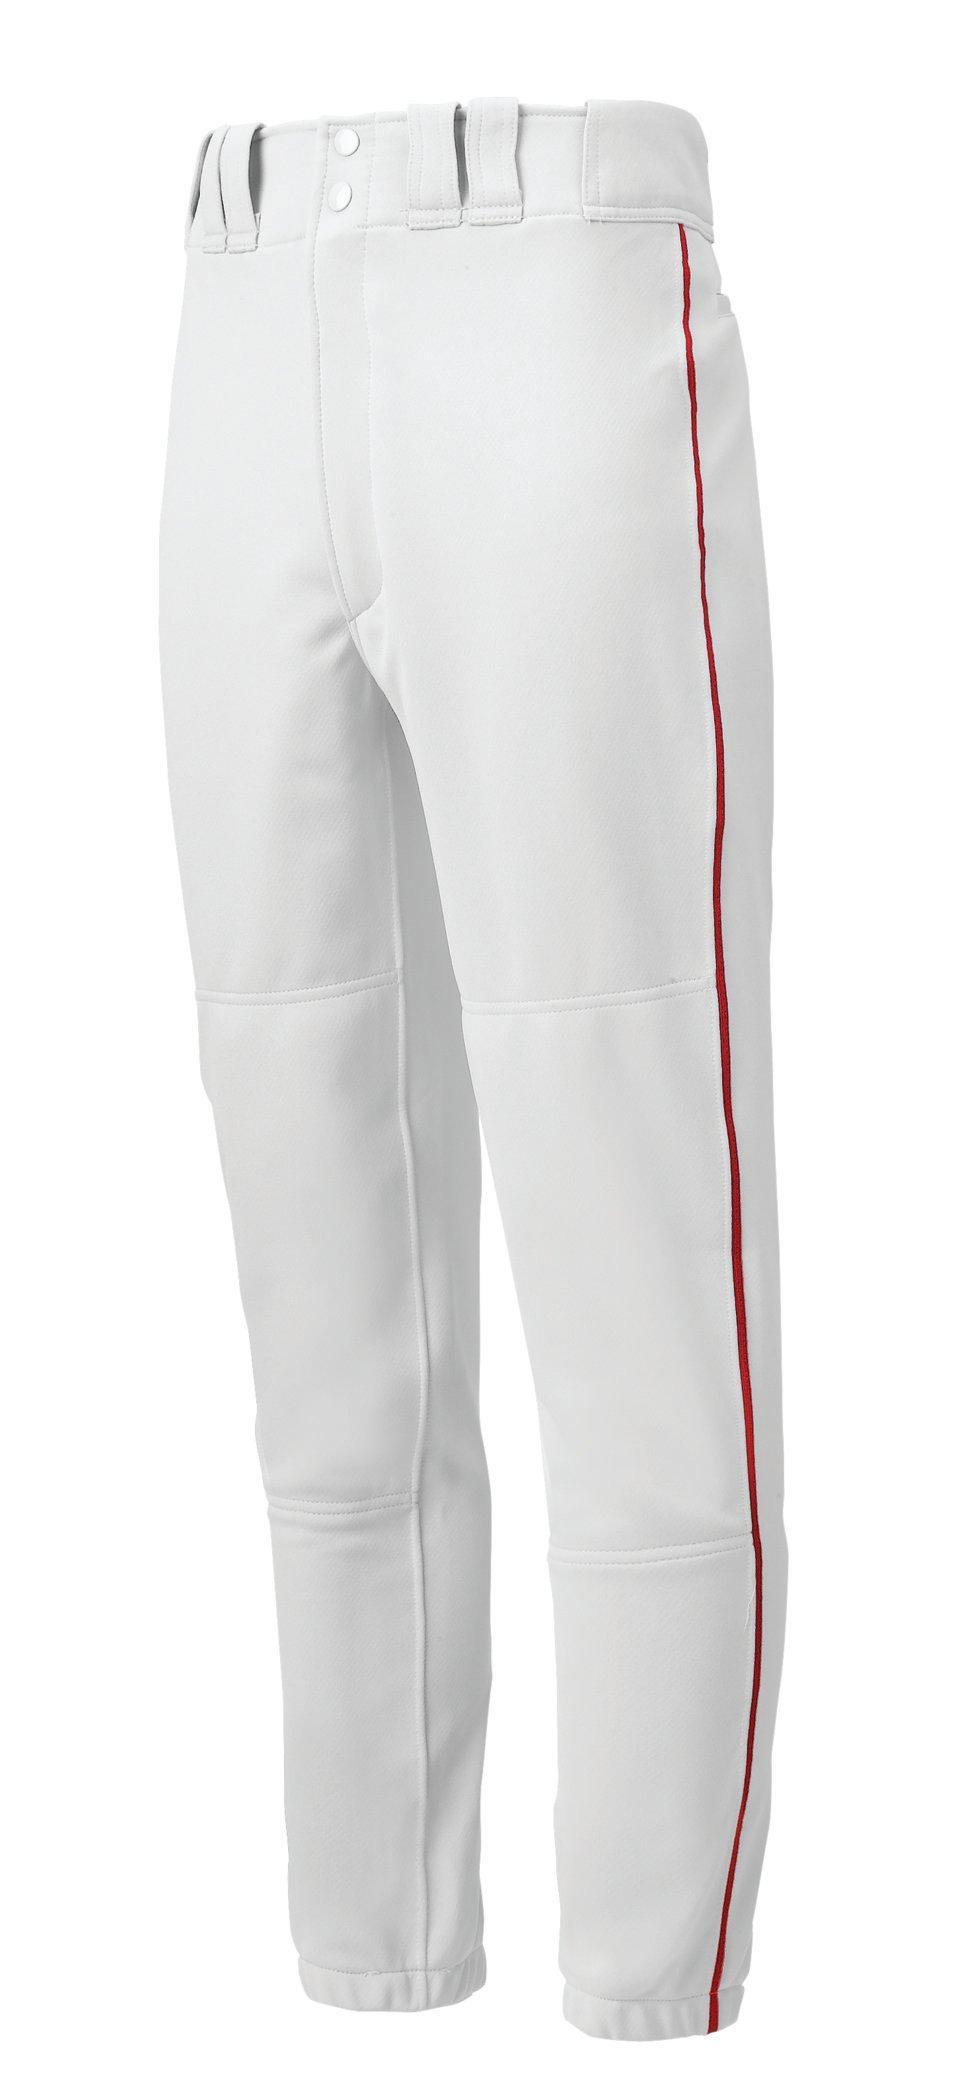 Mizuno Mens Pro Solid Baseball Pants